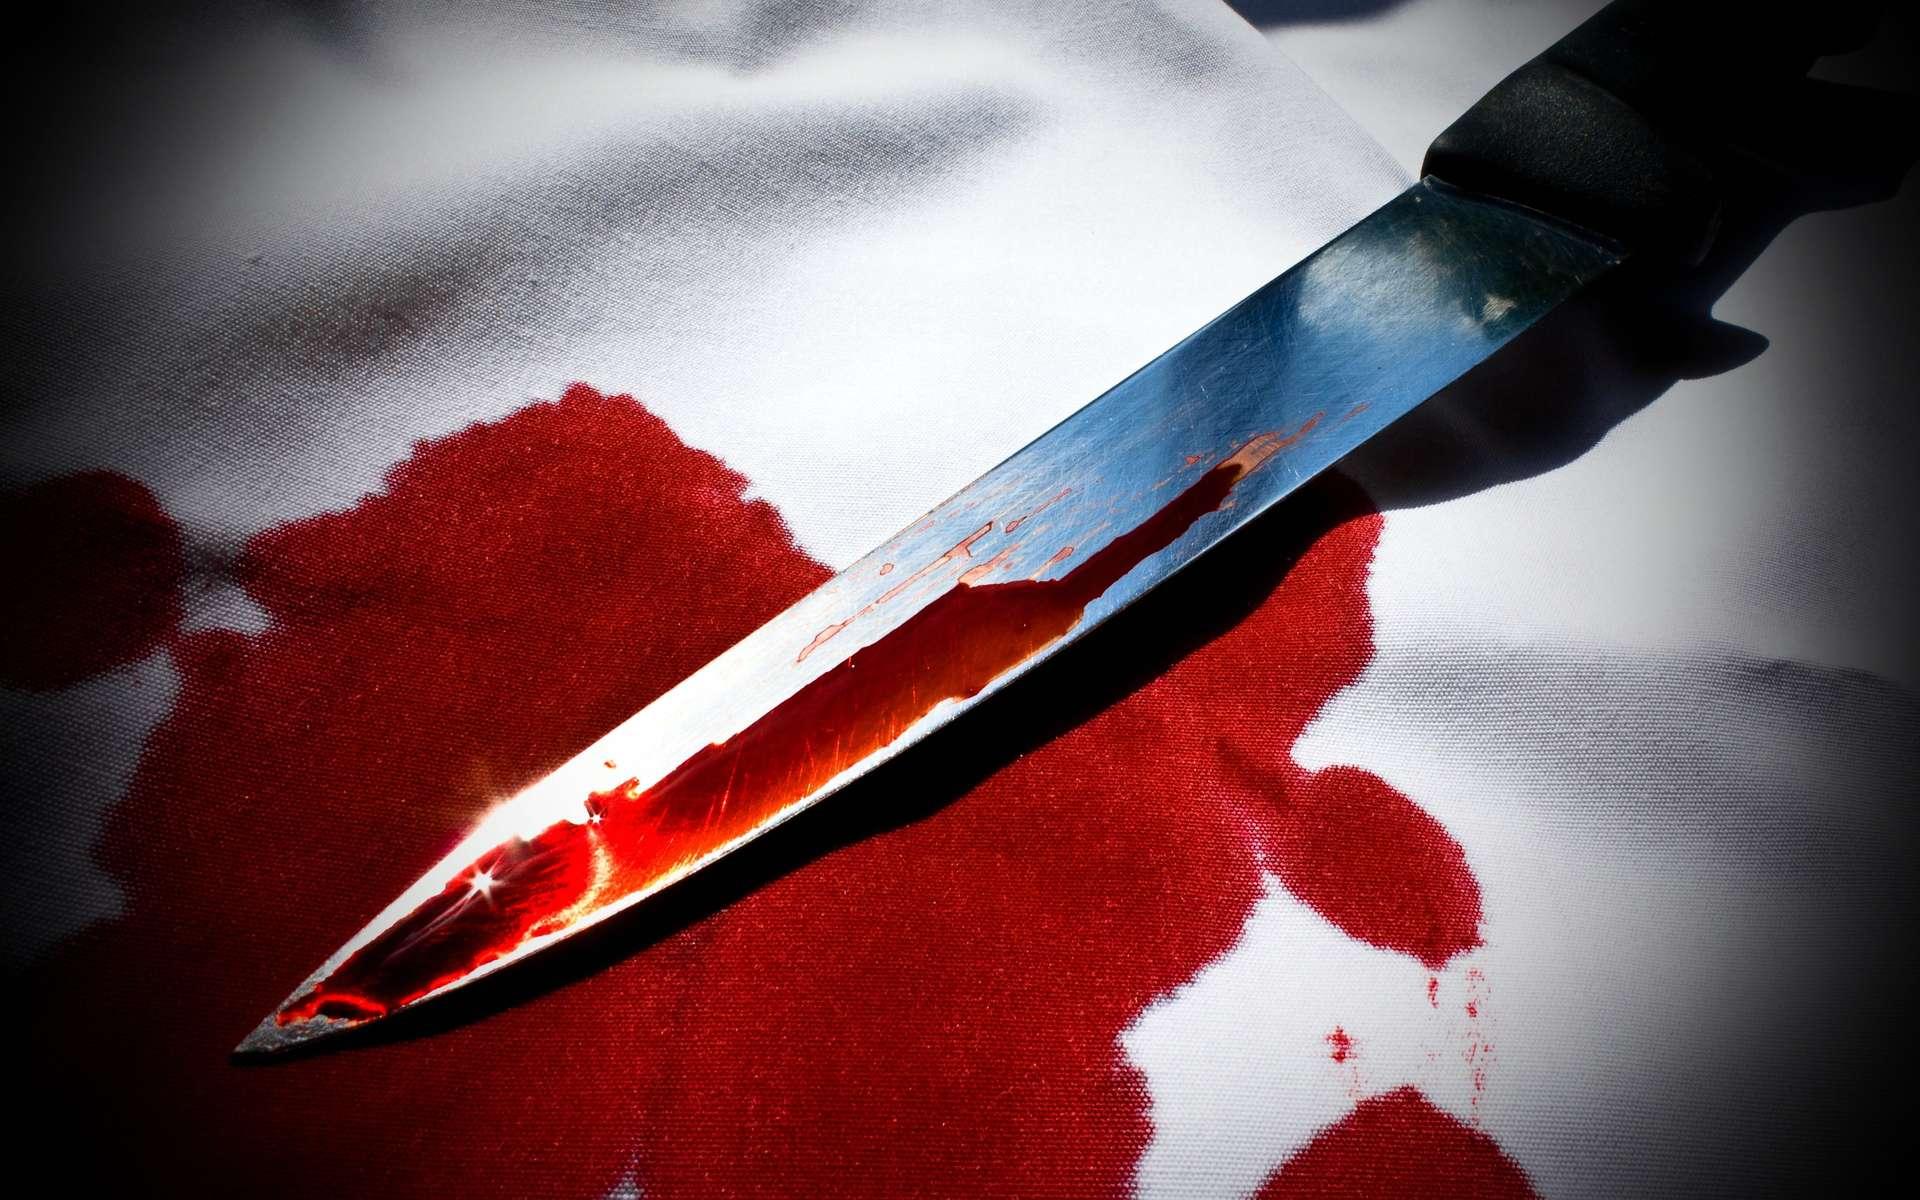 L'ADN retrouvé sur le couteau appartient-il forcément à quelqu'un qui a tenu l'arme du crime ? © Maarten Van Damme, Flickr, CC by 2.0